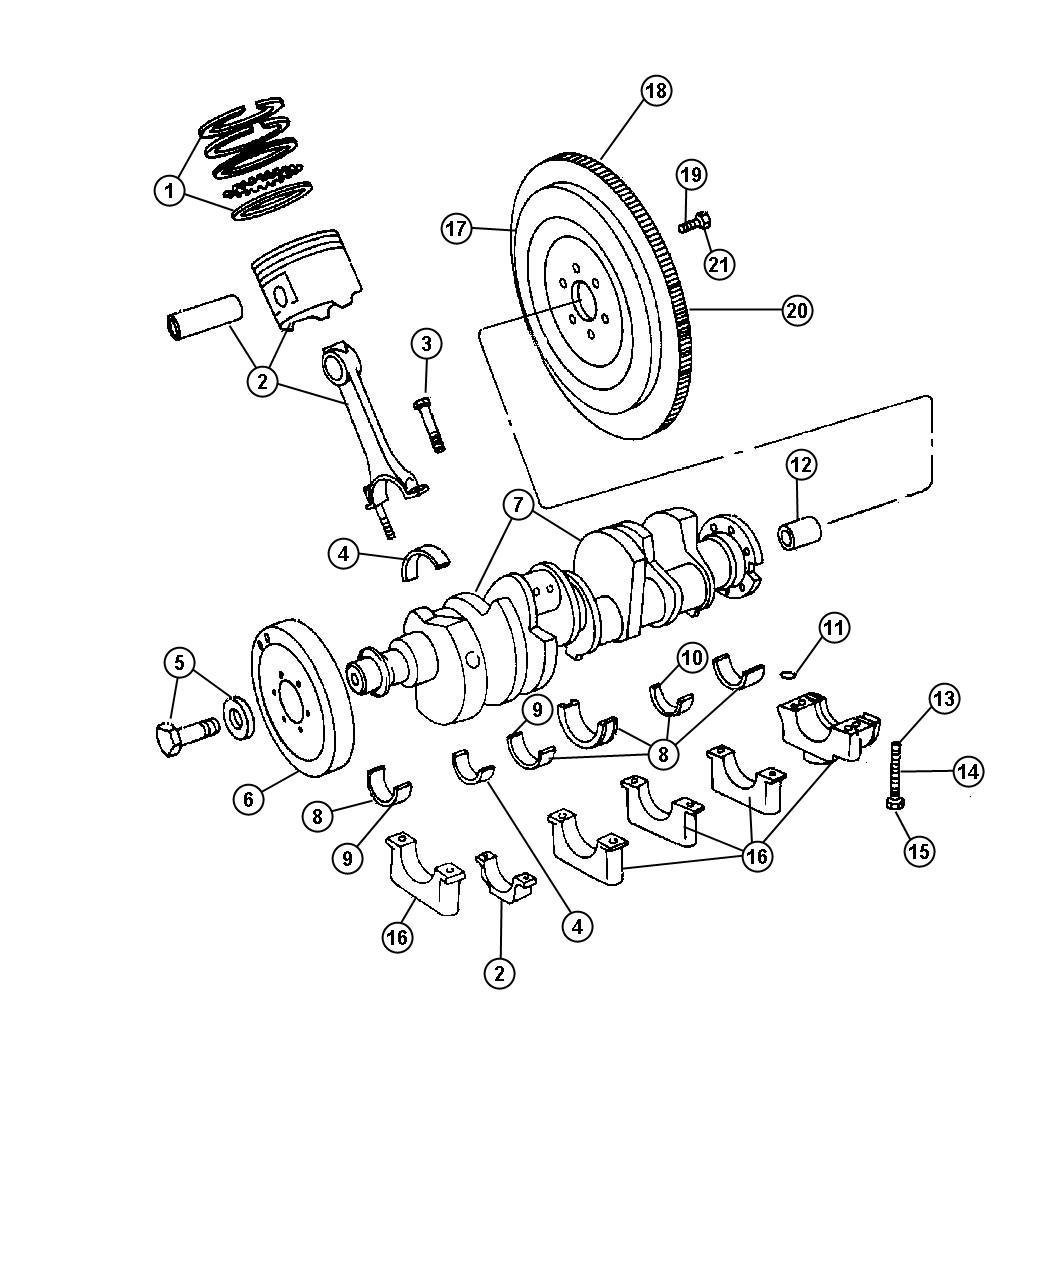 Dodge Ram 1500 Bearing kit, bearing package. Connecting